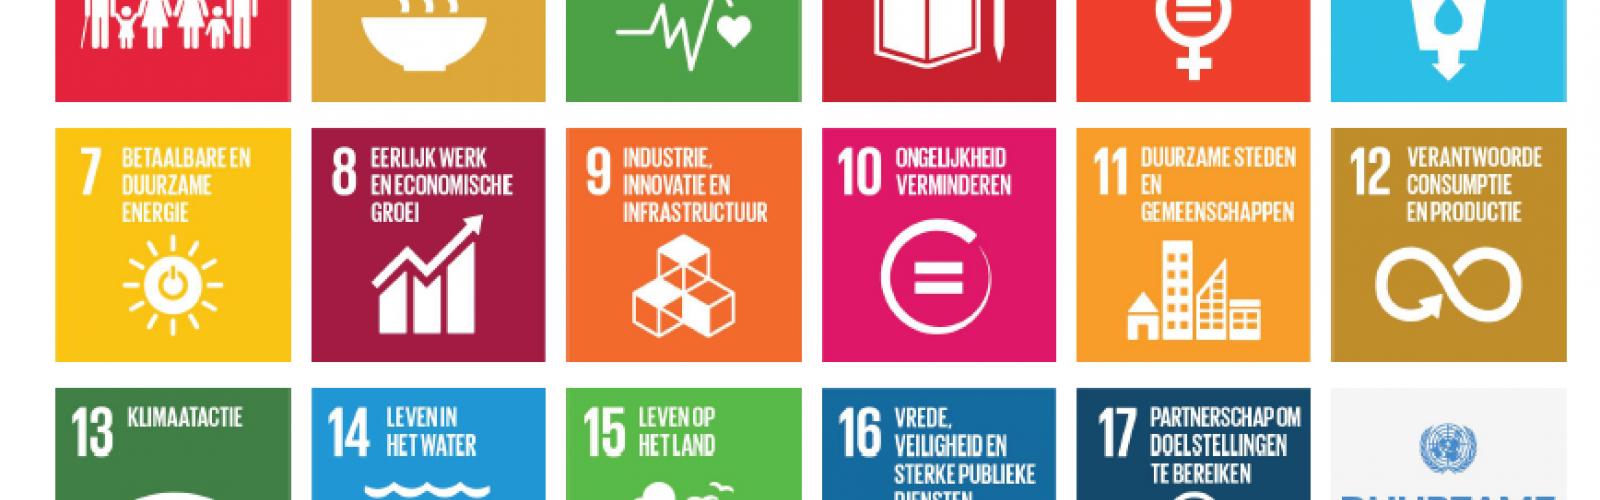 pictogrammen van 17 doelstellingen voor duurzame ontwikkeling